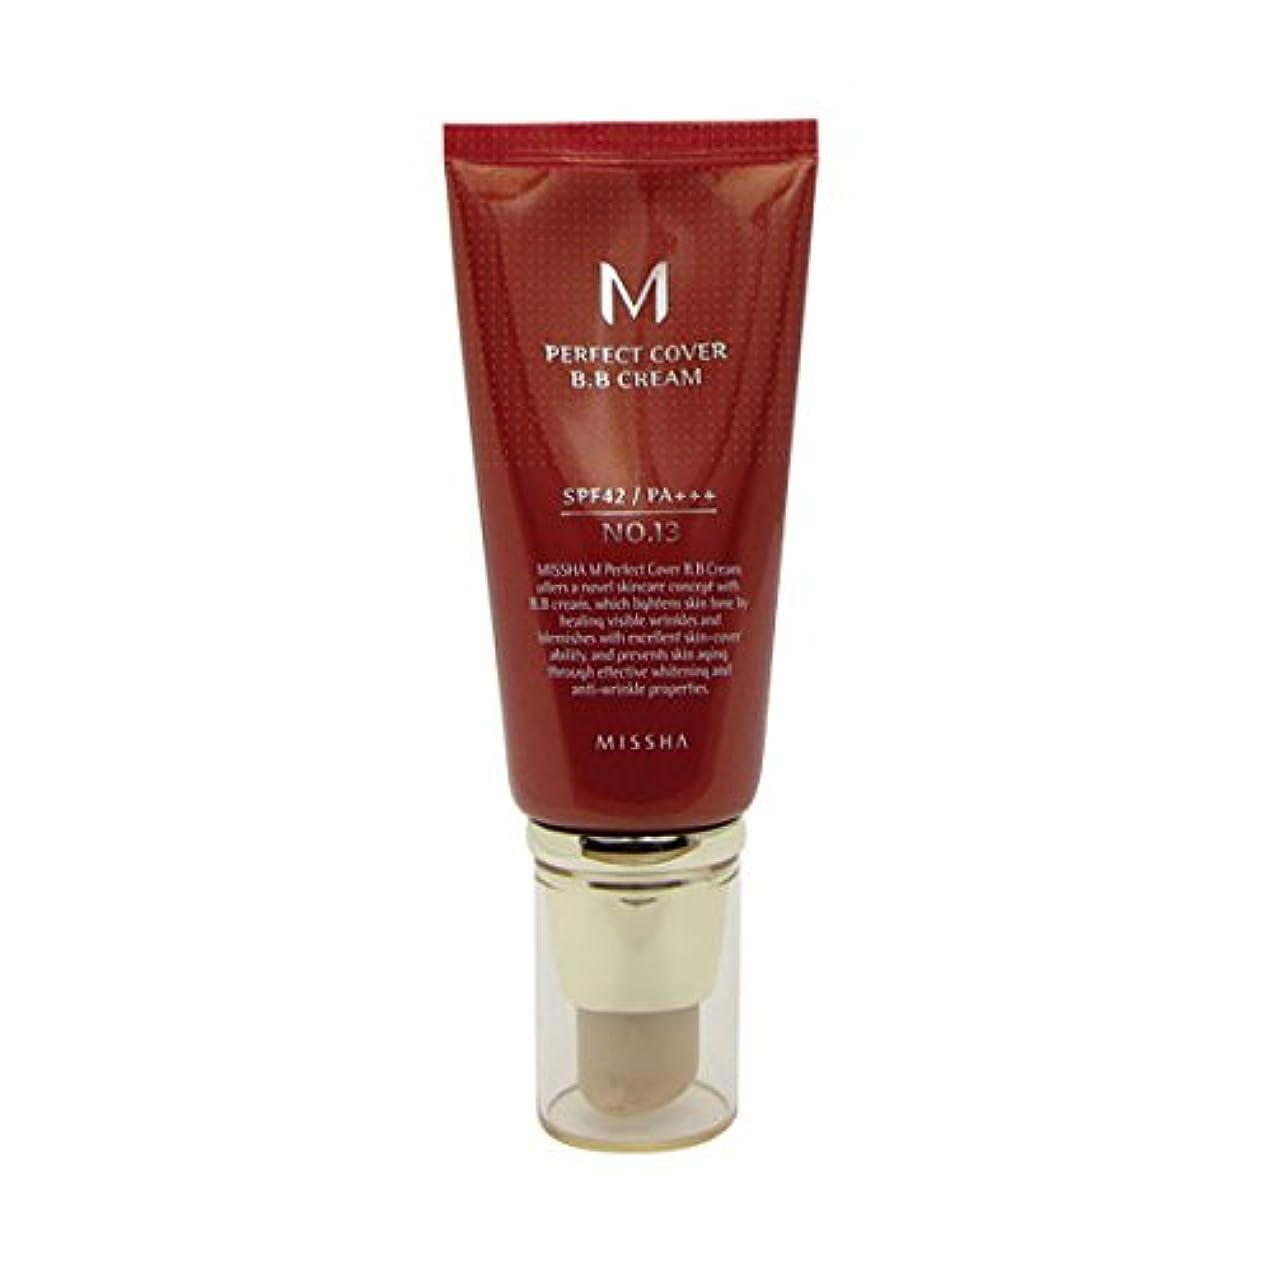 敵意バインド成り立つMissha M Perfect Cover Bb Cream Spf42/pa+++ No.13 Bright Beige 50ml [並行輸入品]